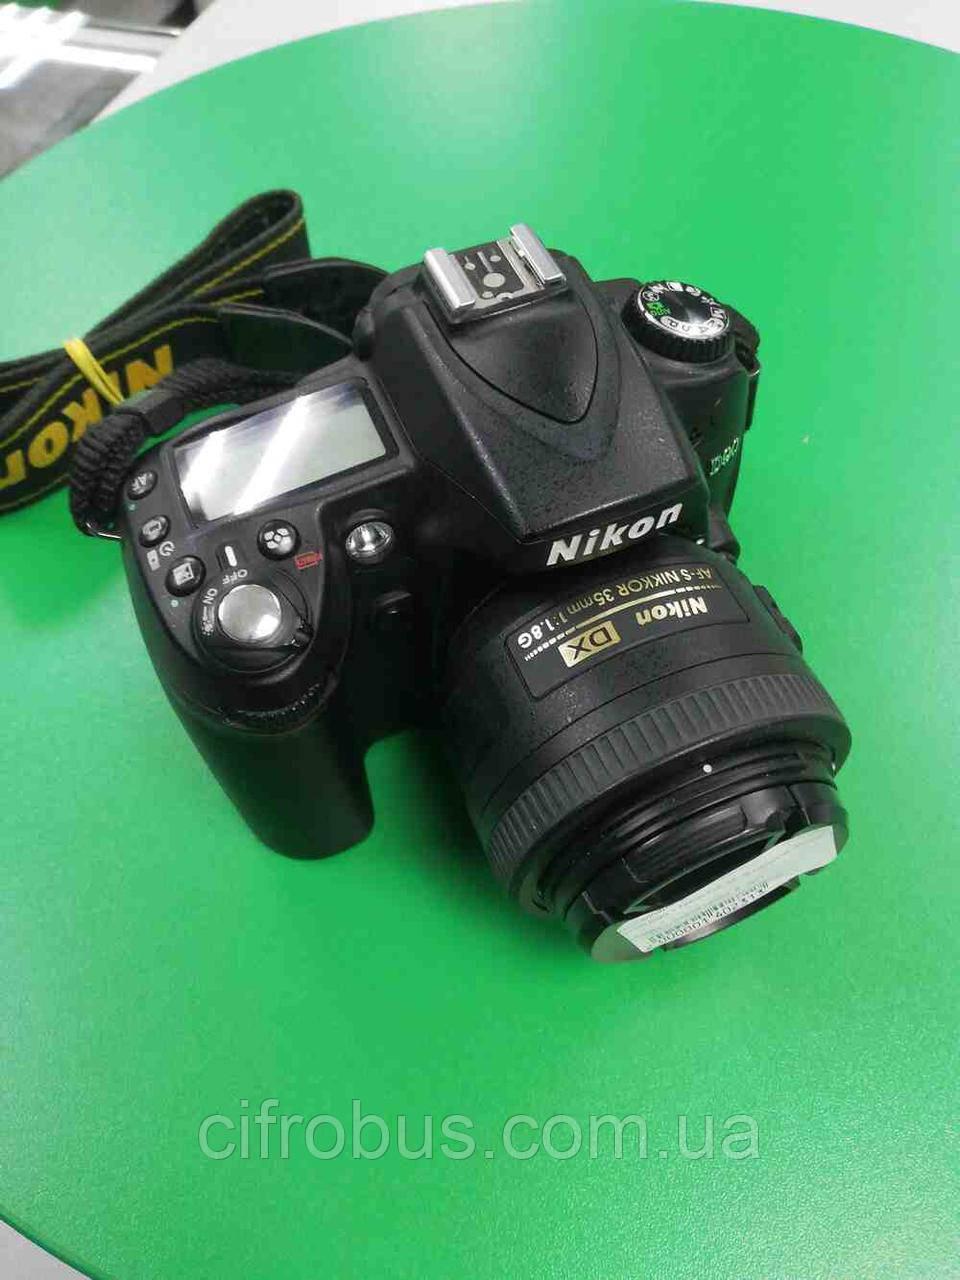 Б/У Nikon D90 + Nikon DX AF-S Nikkor 35mm 1:1.8G